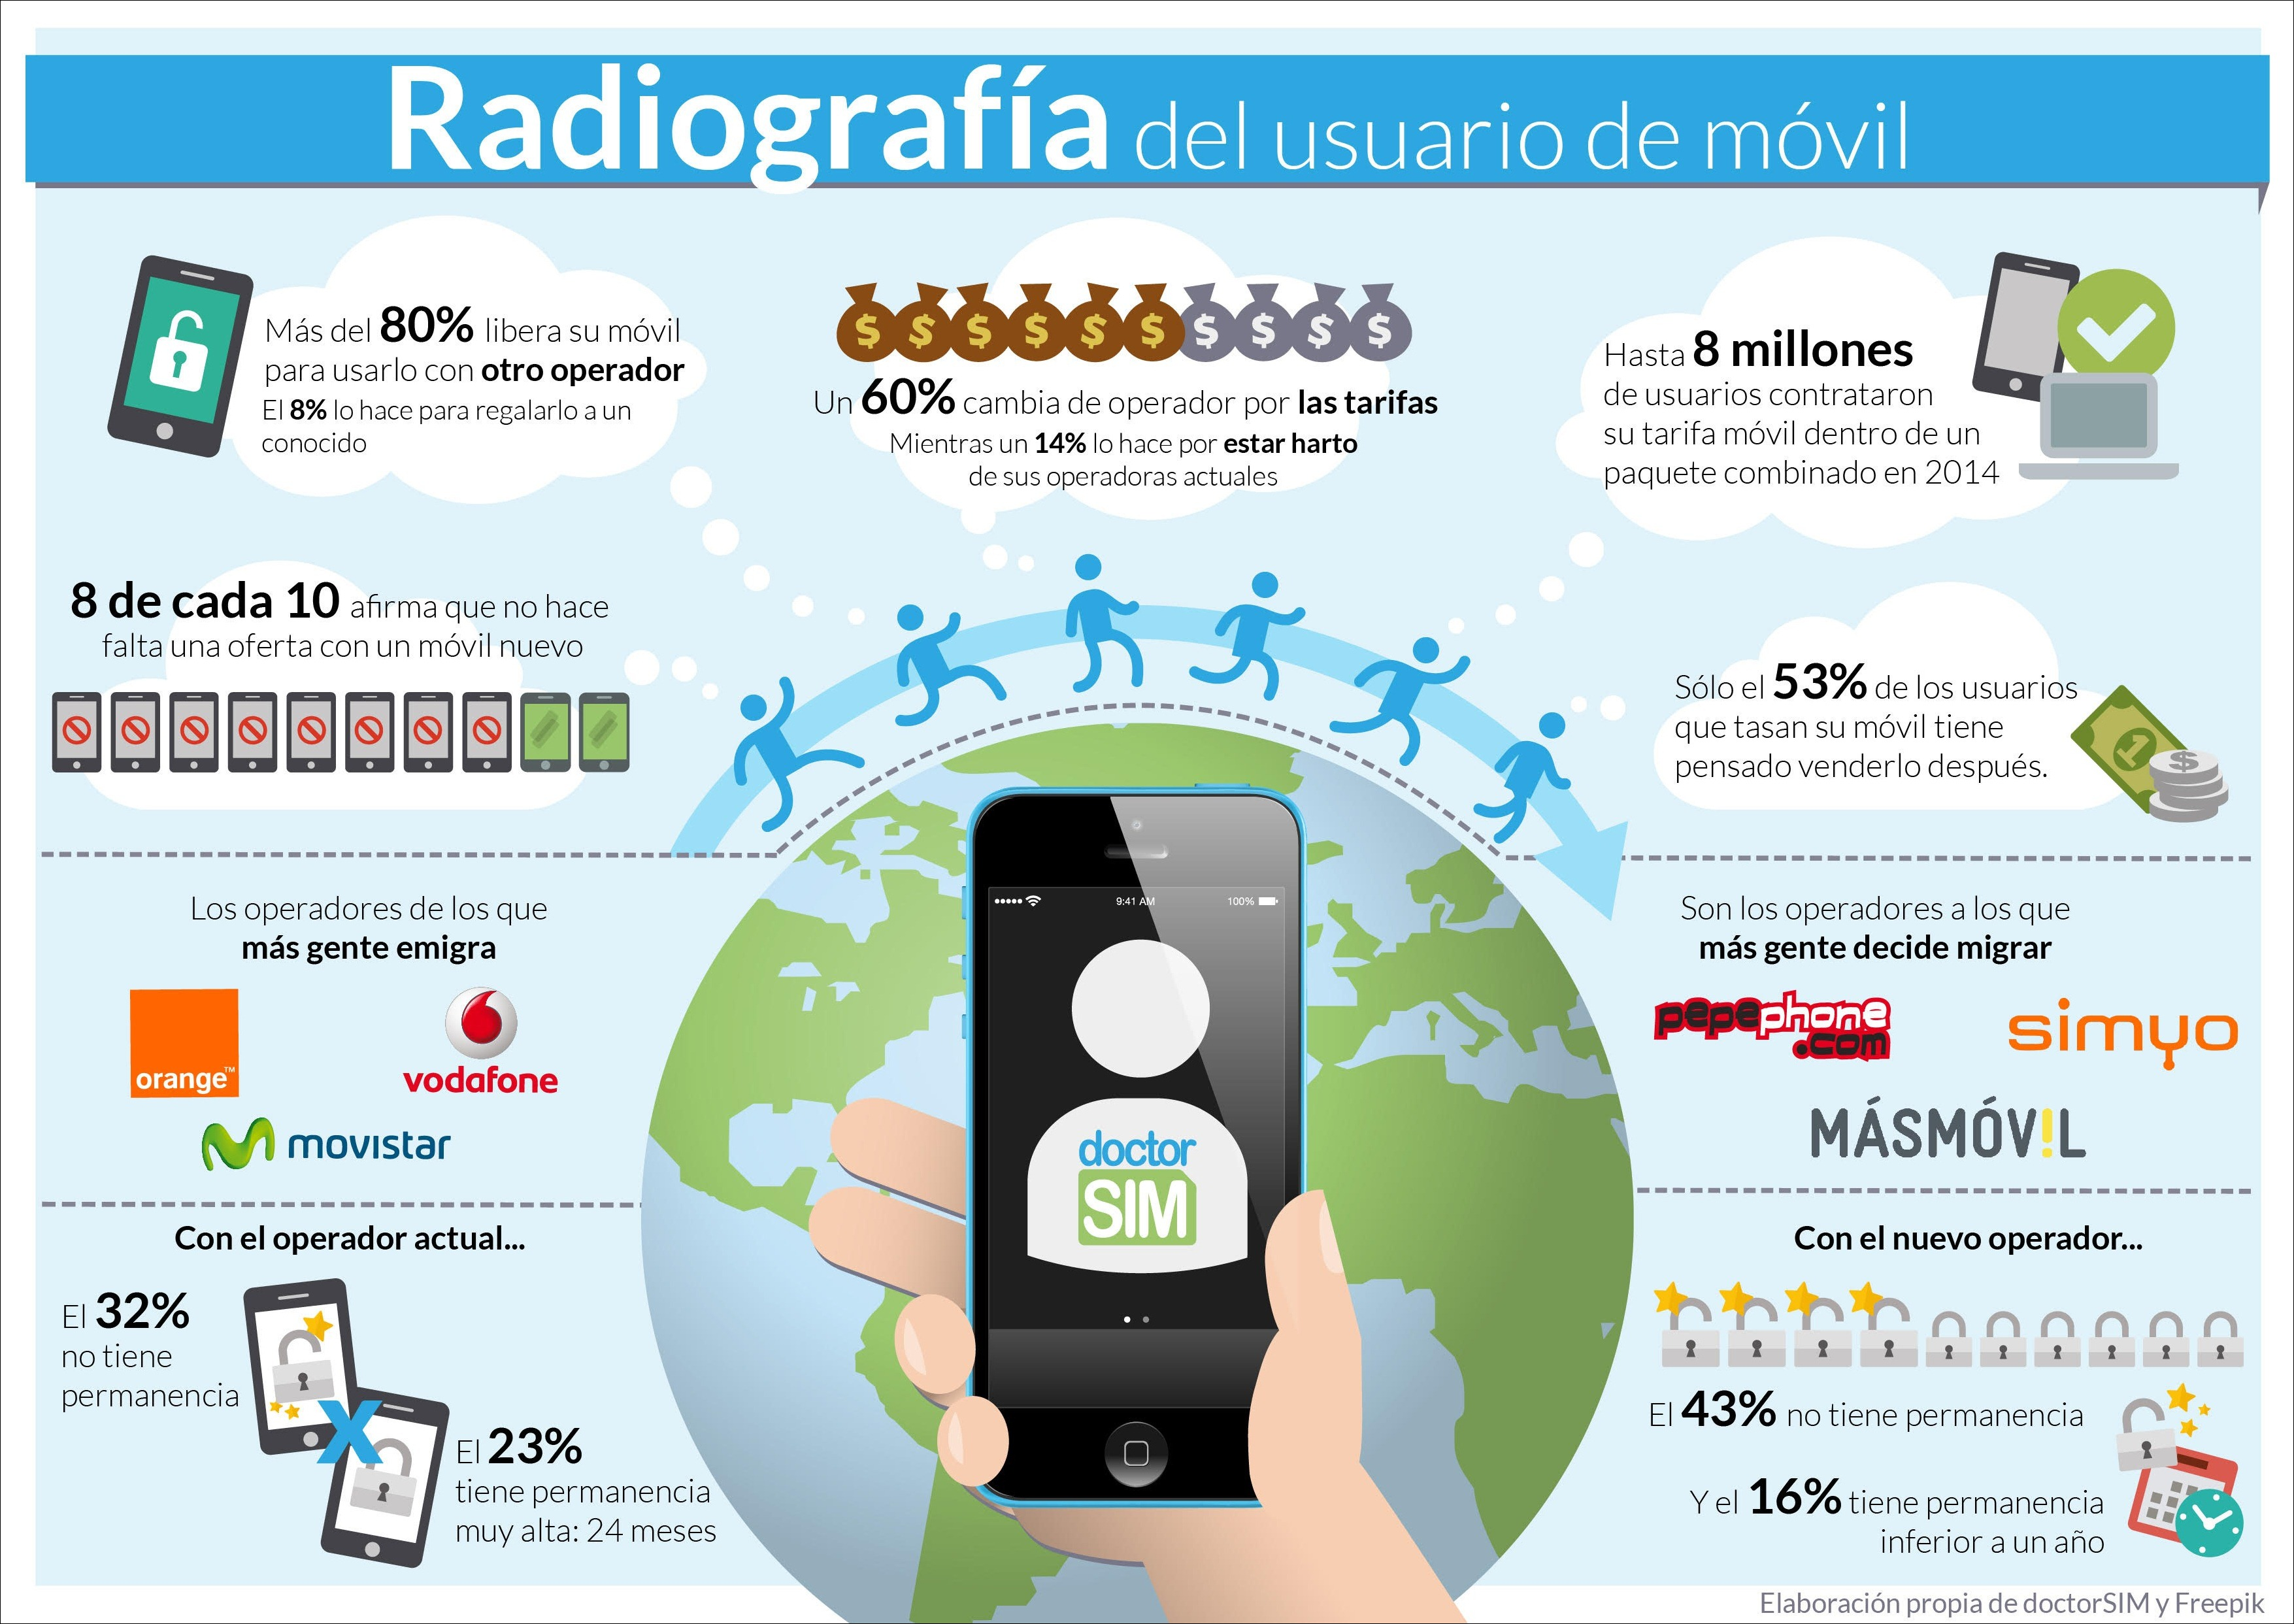 radiografia-usuario-movil